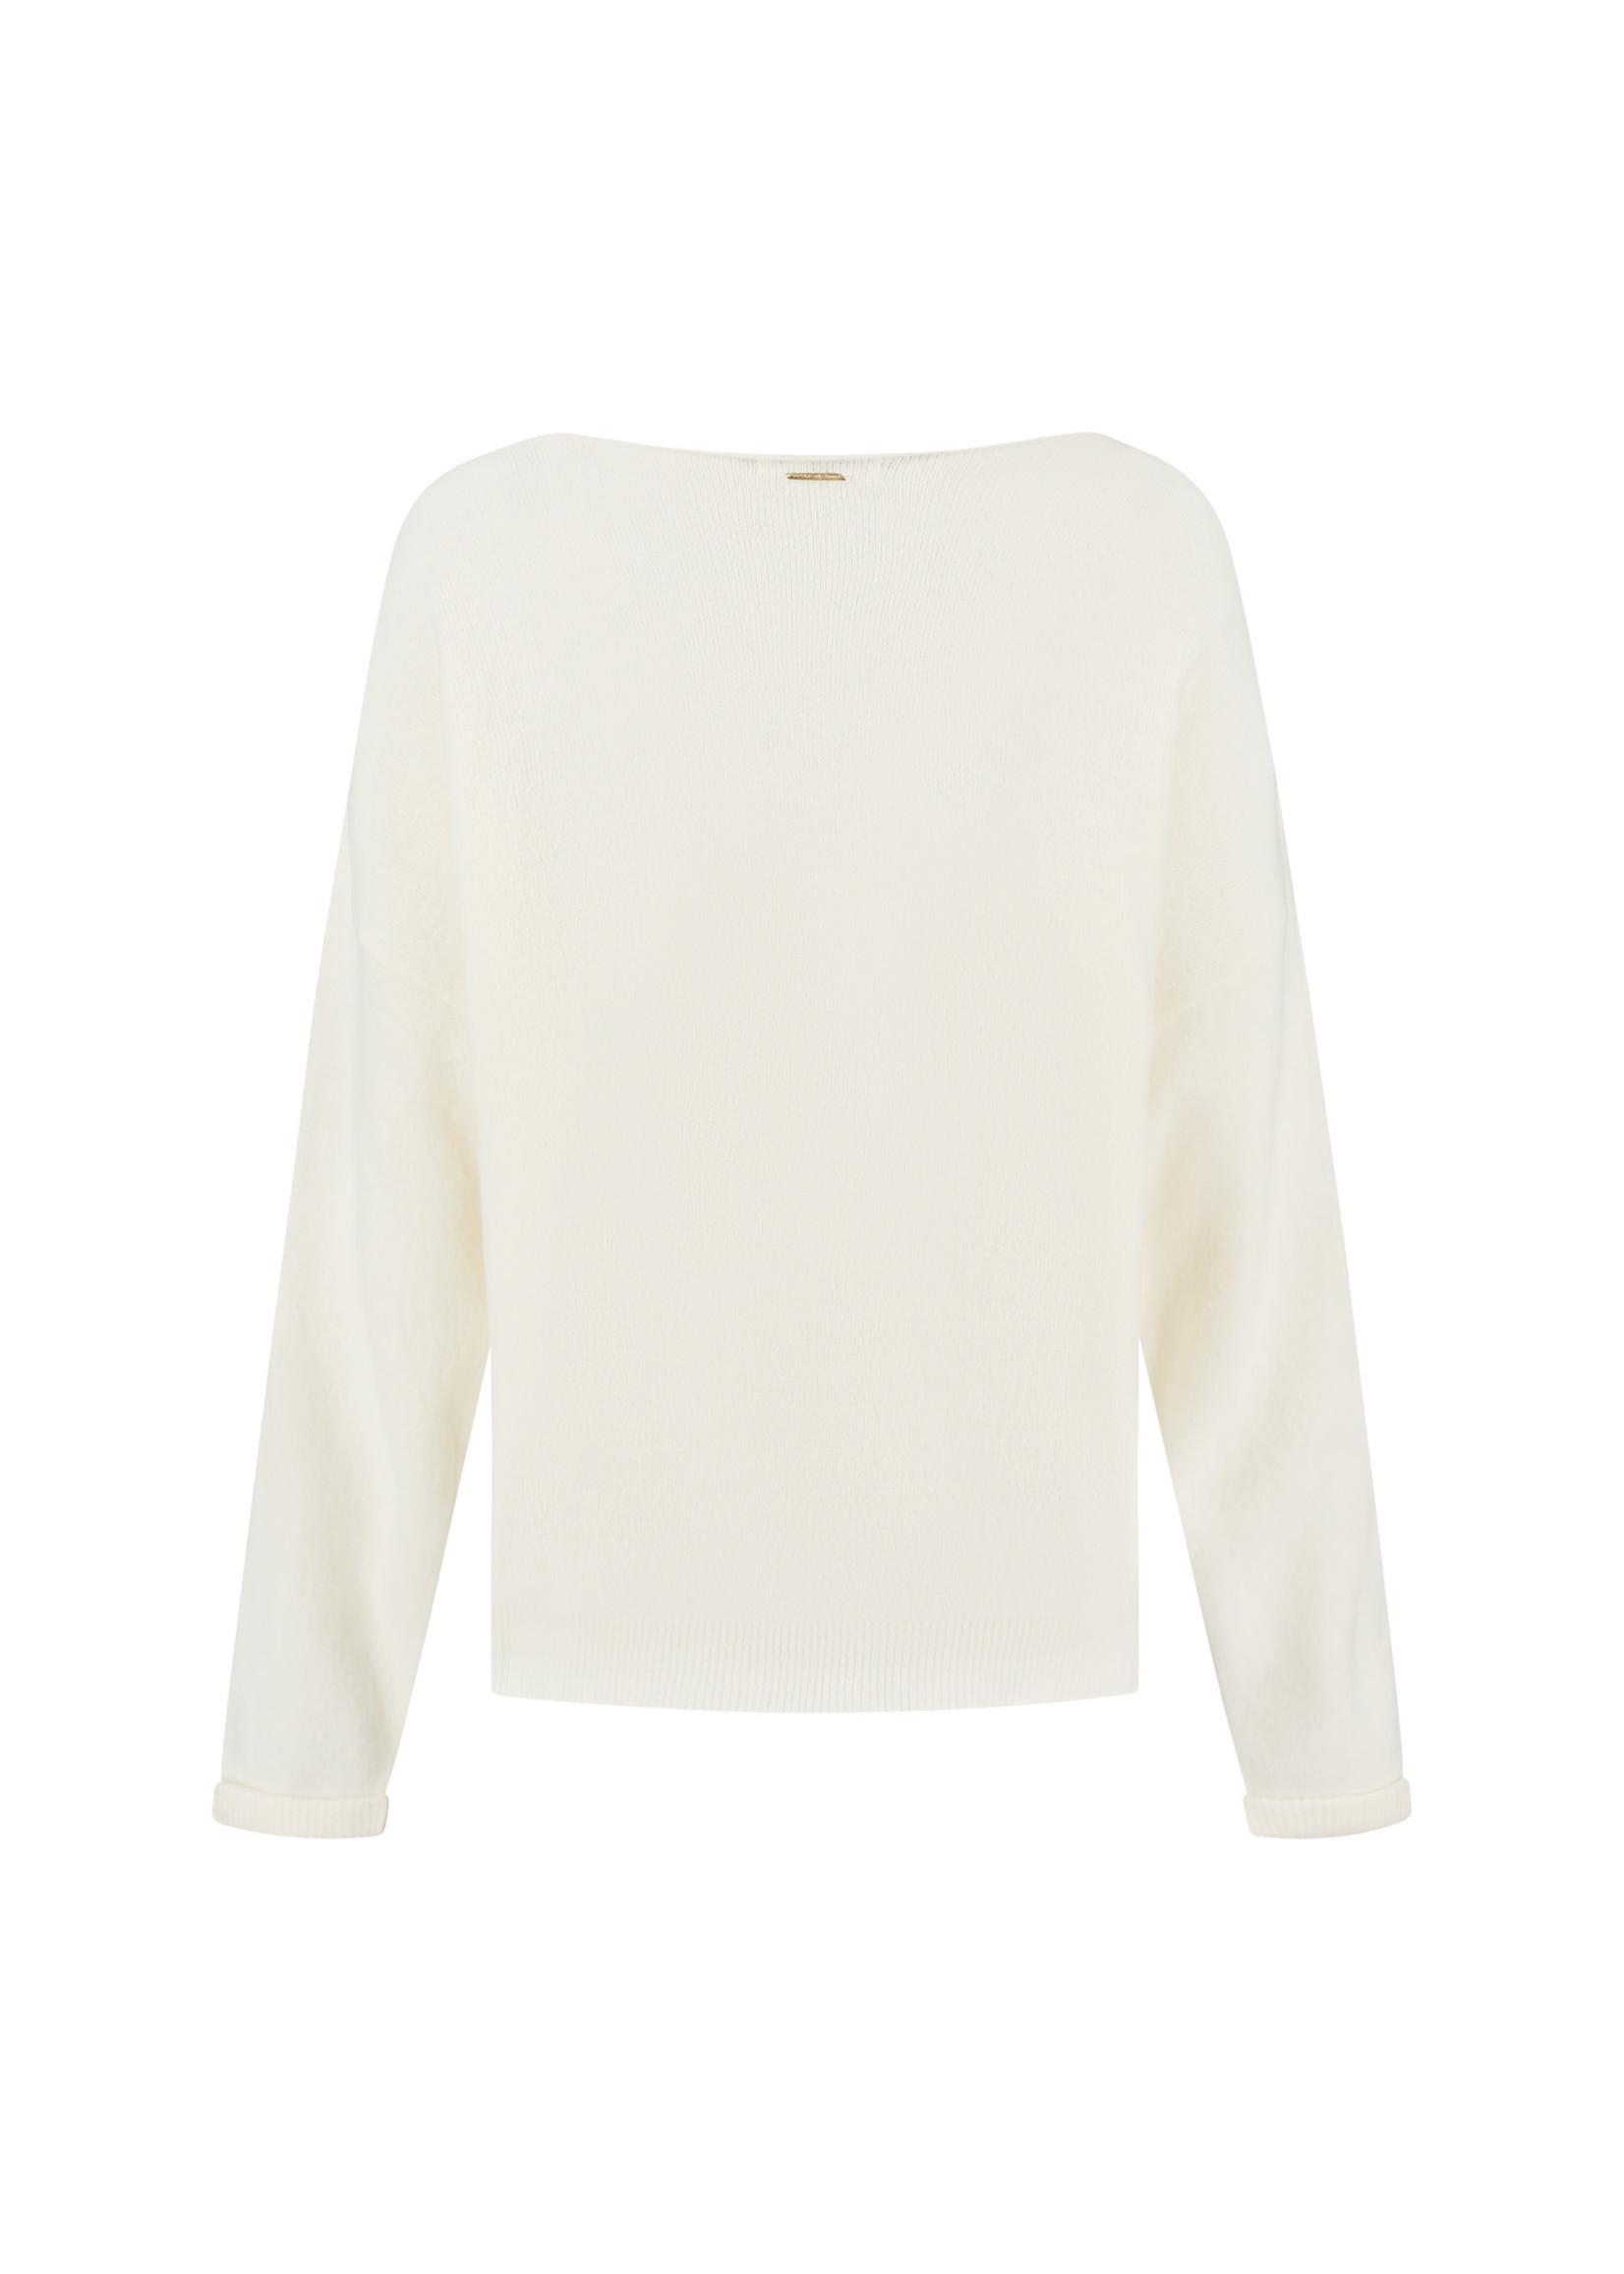 CIRCLE OF TRUST zane knit off white